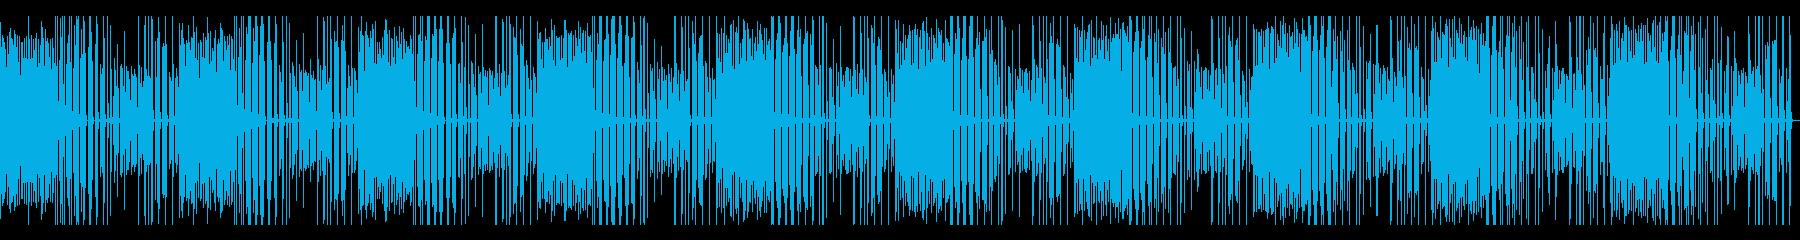 ほのぼの、日常、トーク、YouTubeの再生済みの波形